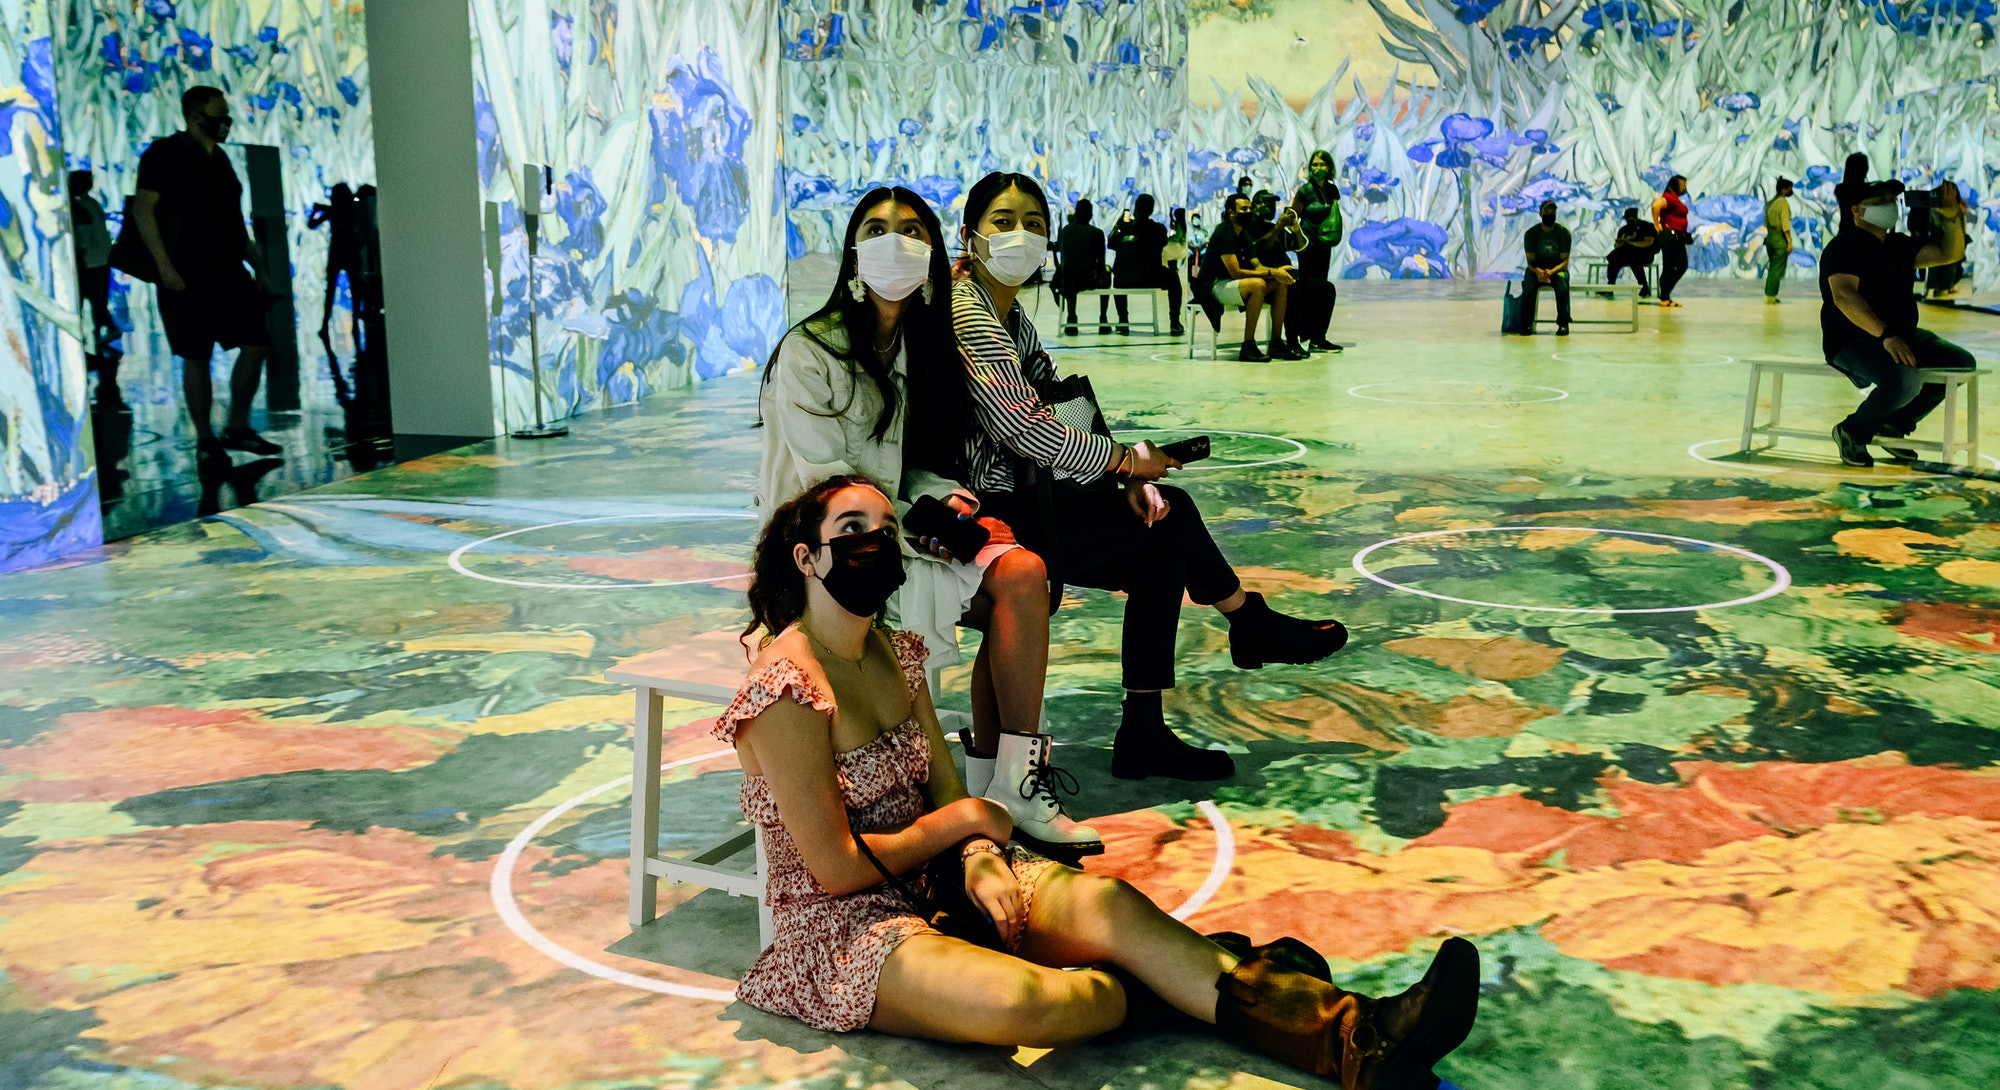 The immersive Van Gogh exhibit is very popular on Instagram.